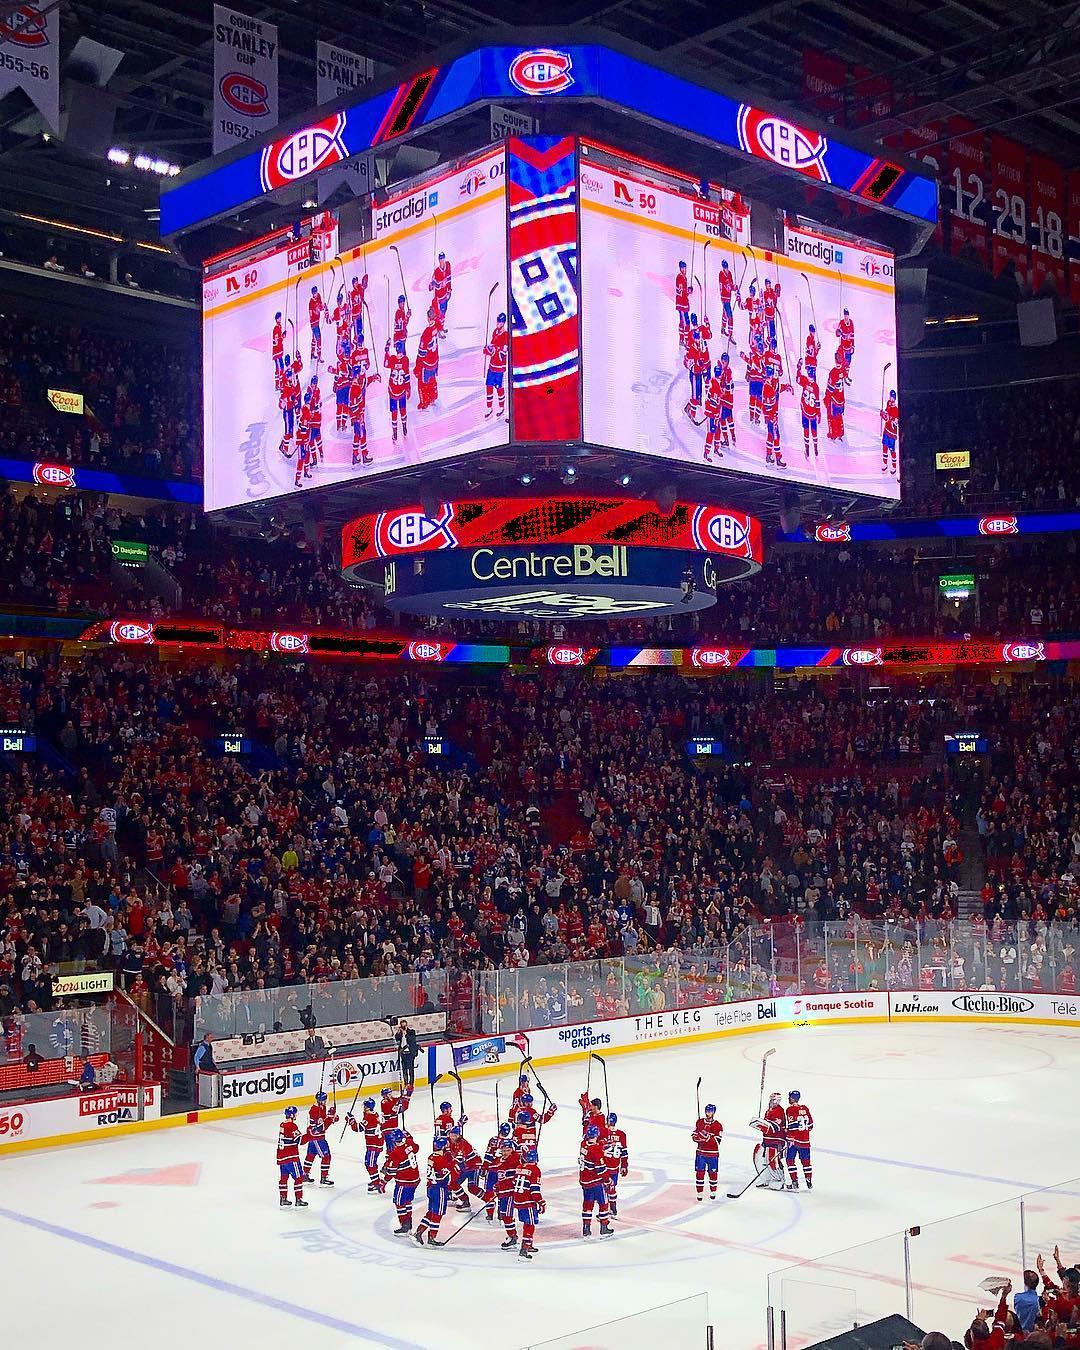 Bell Centre, Montreal, Quebec, Canada. instagram.com/sebbenoit72